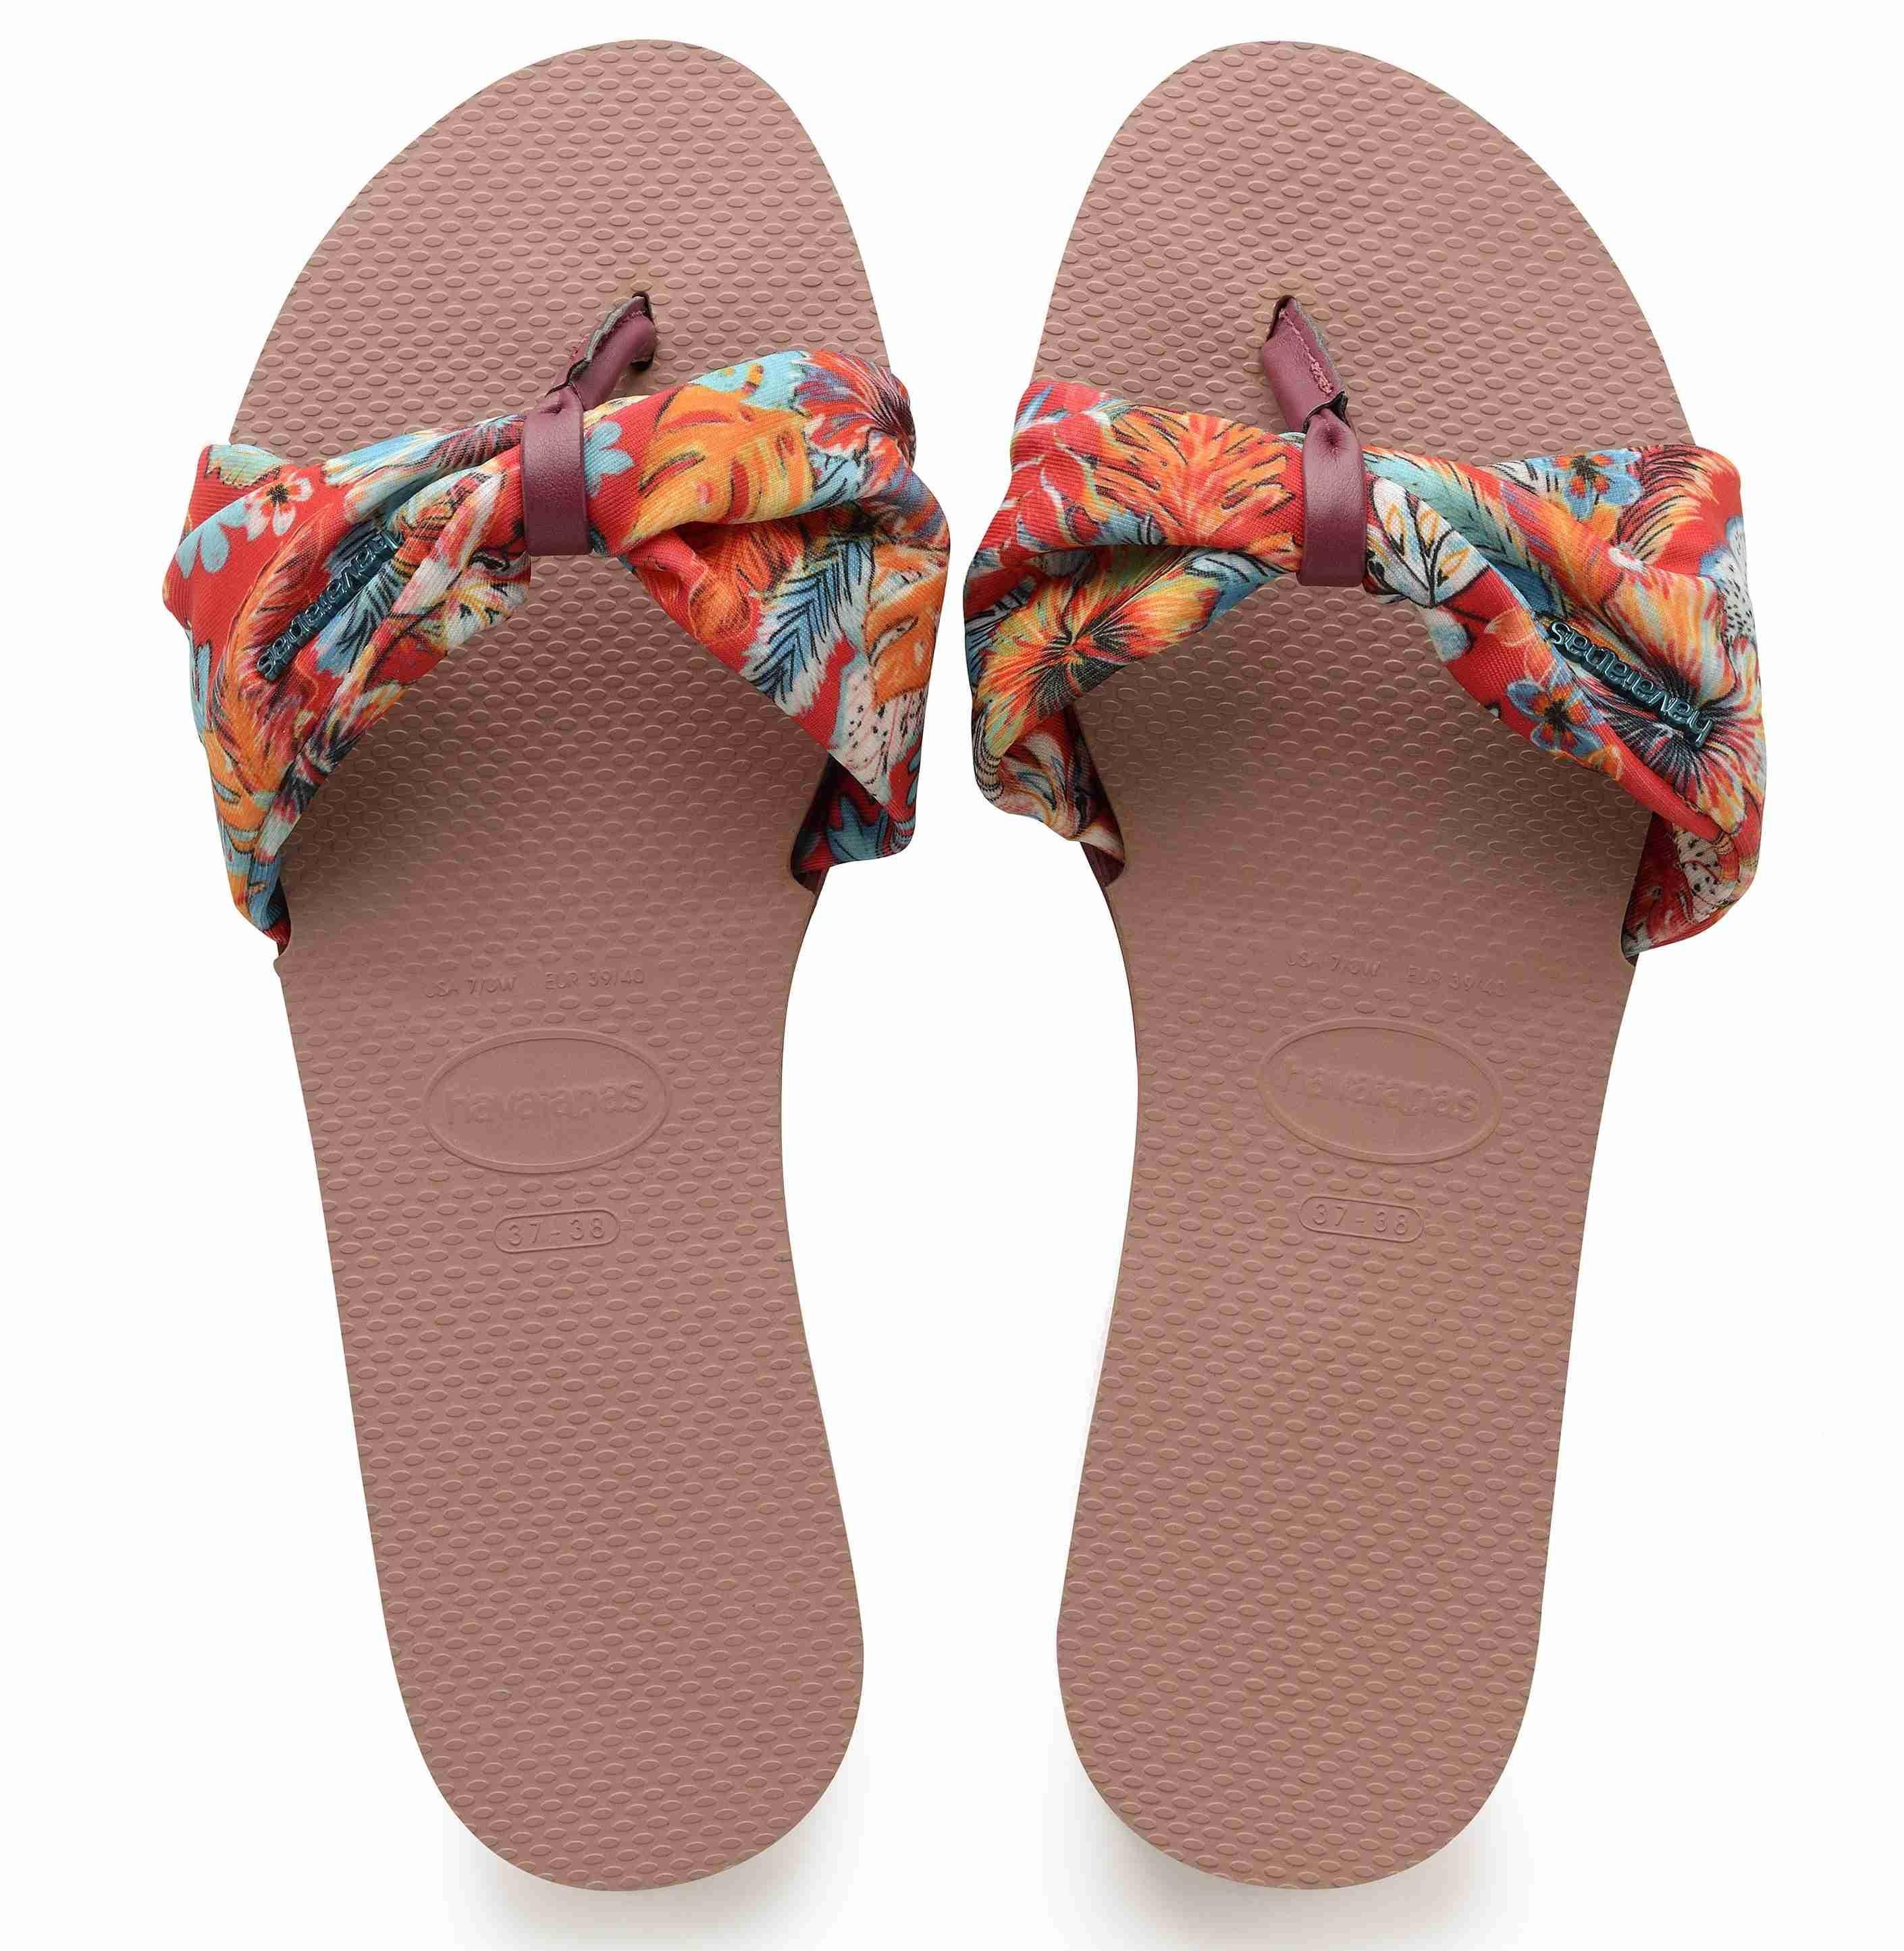 9279541226 sandalias havaianas para todas las edades. Todos lo talles y colores  disponibles. Estos son los nuevos modelos de sandalias havaianas.